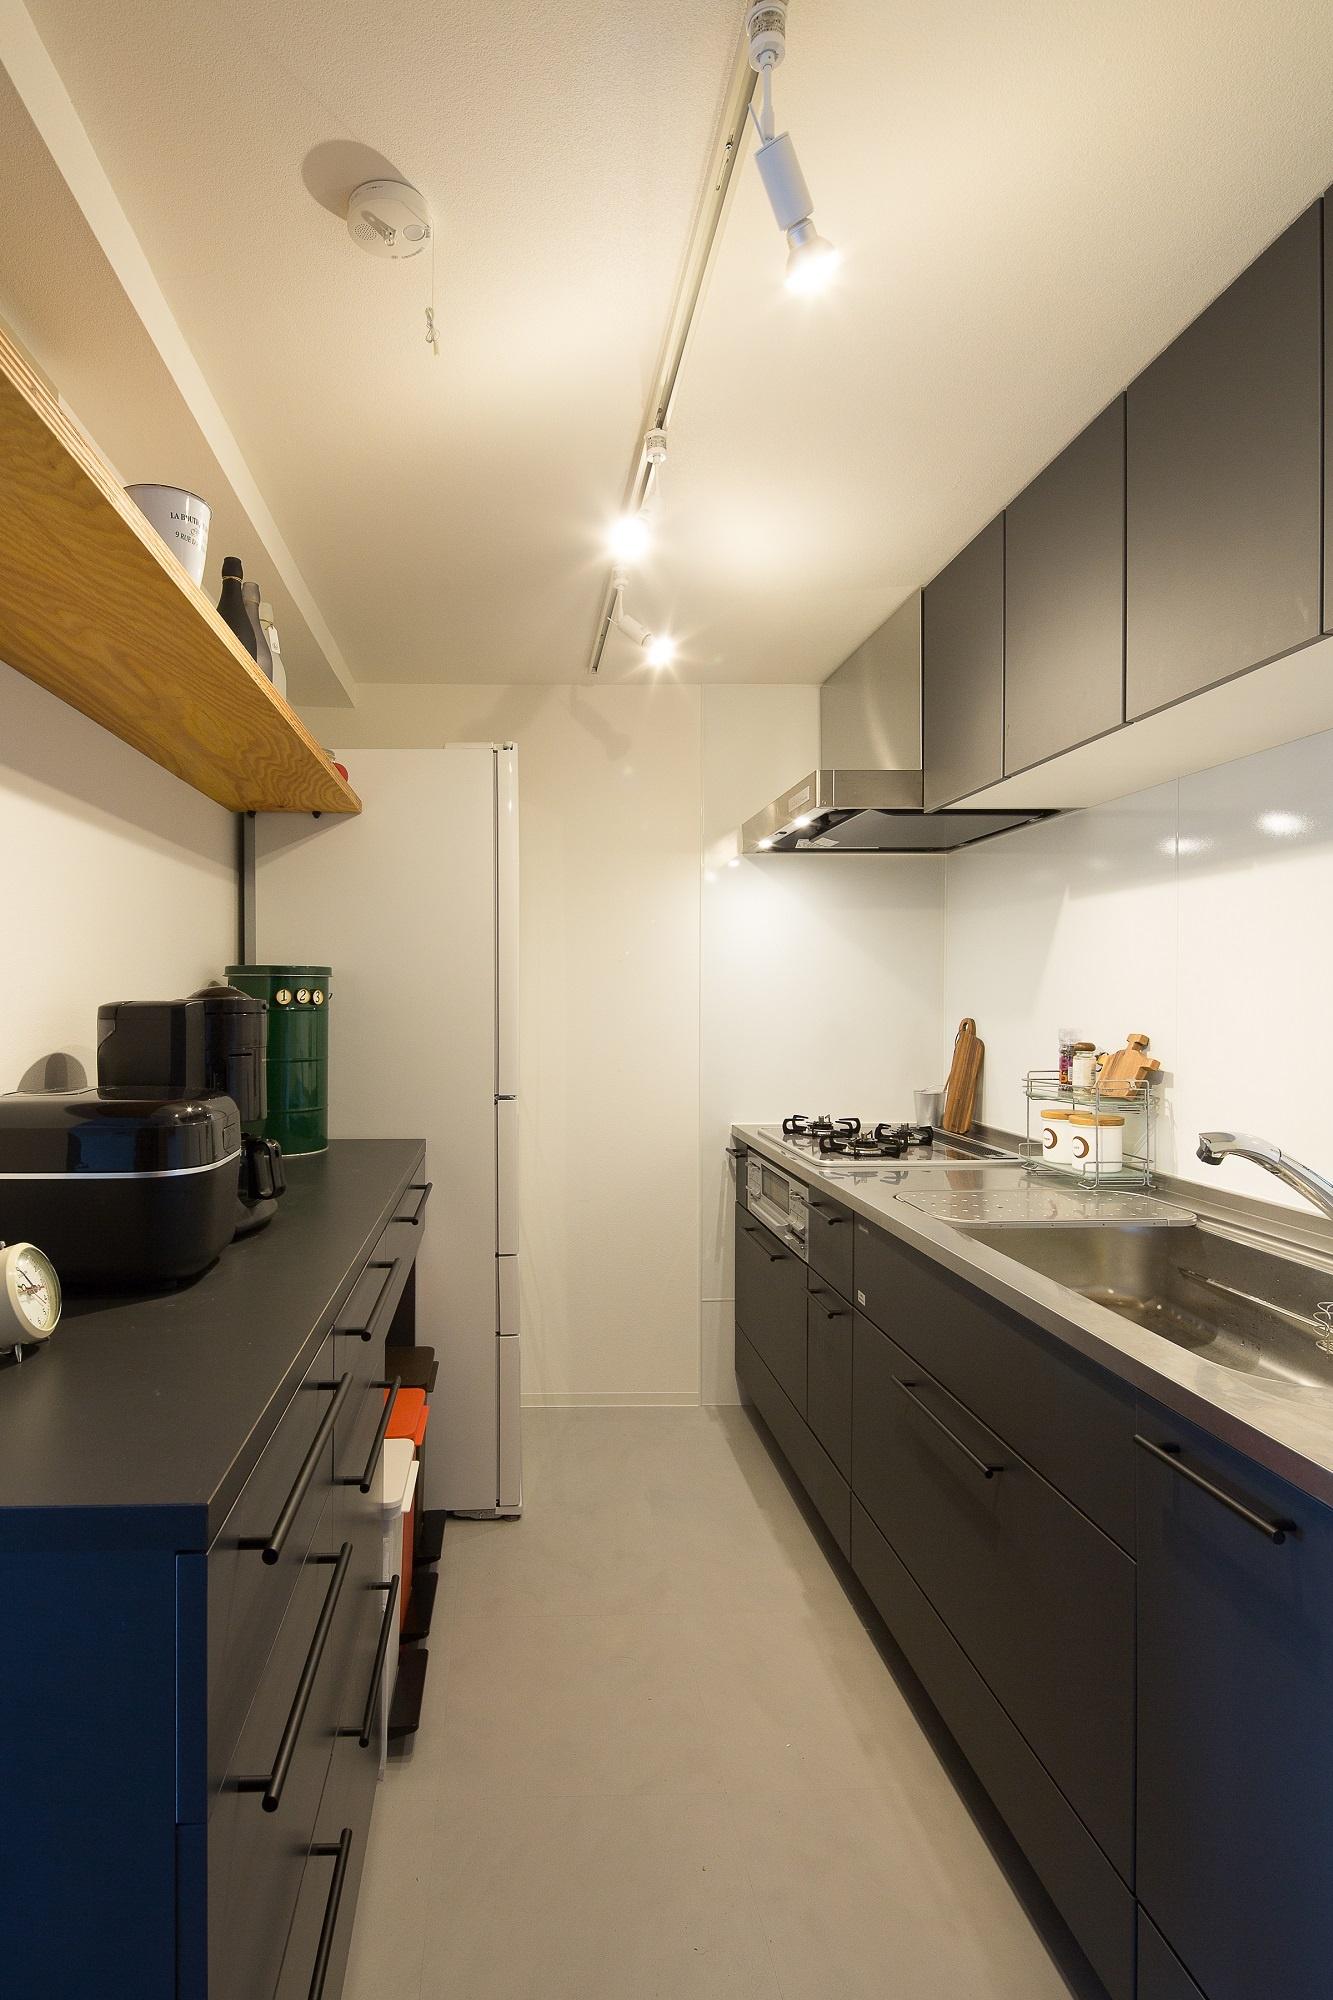 システムキッチン選びで機能より色を重視。セミオーダーだからこそ陣減できた色調です